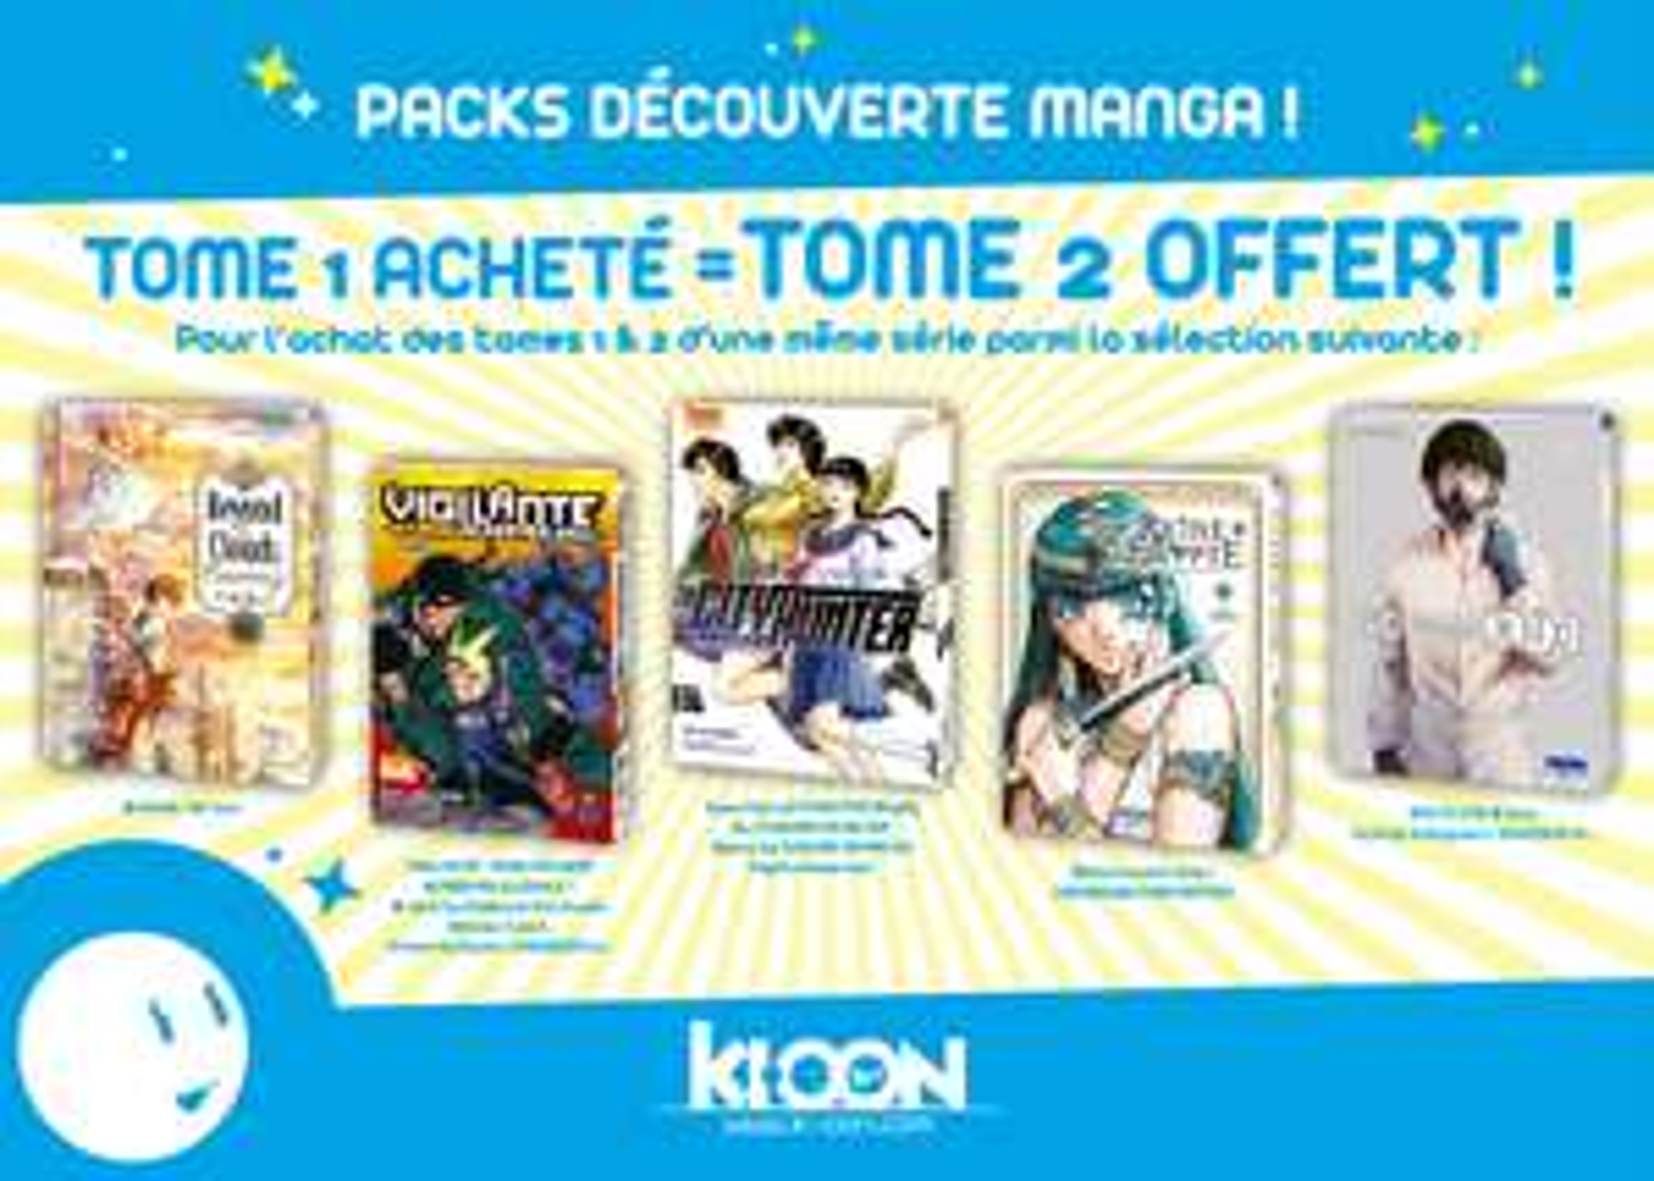 Livre Manga Tome 1 acheté = Tome 2 offert sur une sélection (Ki-oon)